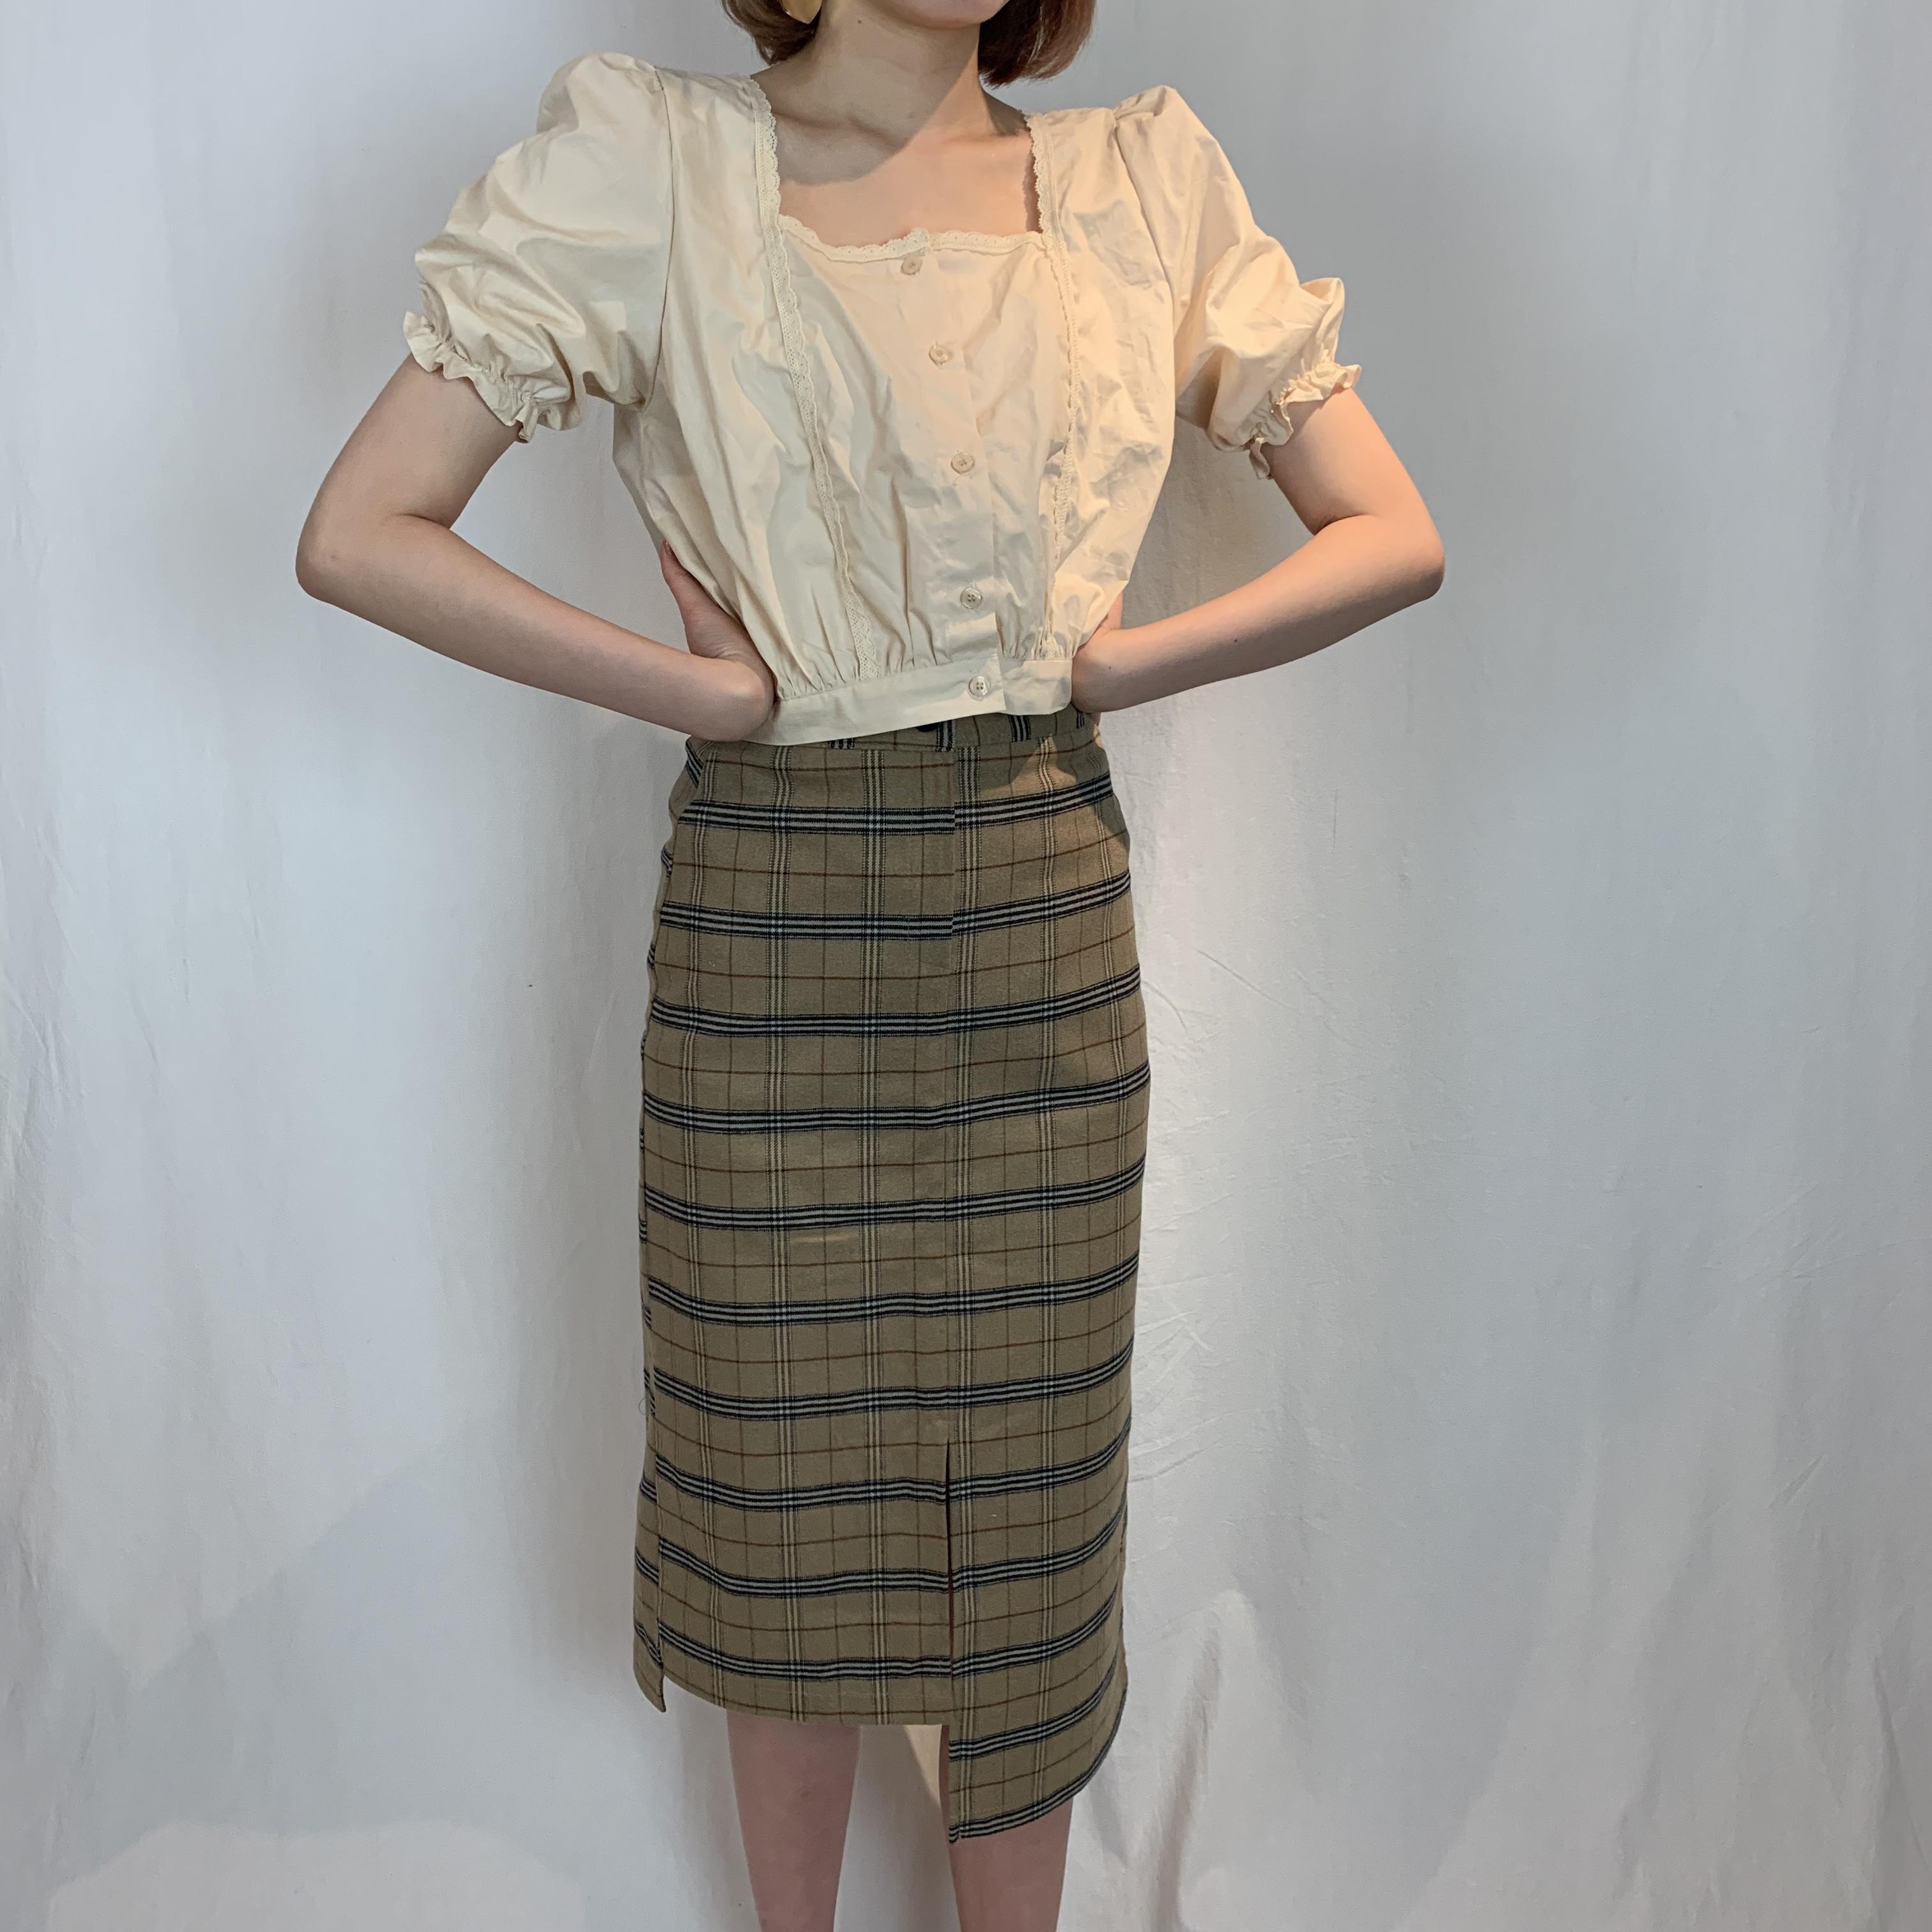 slit check long skirt (beige)